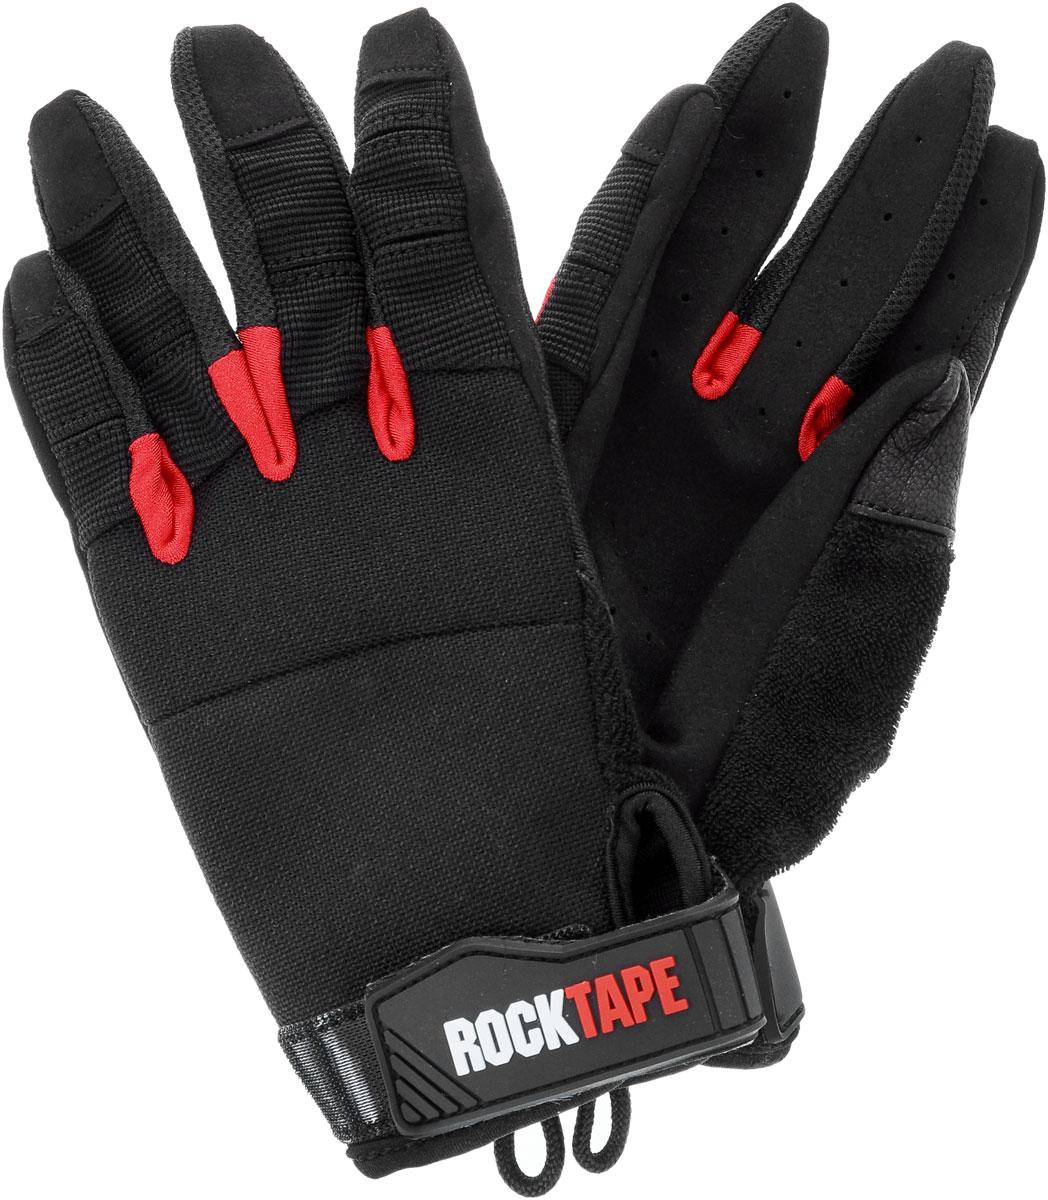 Перчатки Rocktape Talons, цвет: черный, красный. Размер XLRTTls-LRocktape Talons - это функциональные перчатки для спорта. Руль велосипеда, турник, штанга - за что бы вы ни взялись, перчатки обеспечат максимальную защиту и поддержку! Уверенный хват и больше никаких стертых рук, волдырей и мозолей!Особенности перчаток:Дружелюбны к сенсорным экранам.Без швов на ладонях.Силиконовая накладка false-grip поможет в выходах силой.Защита большого пальца при захвате штанги.Впитывают пот.Дышащий материал по боковым поверхностям пальцев.Удобные петли.Рассчитаны на работу с мелом.Обхват ладони ниже костяшки: 25 см.